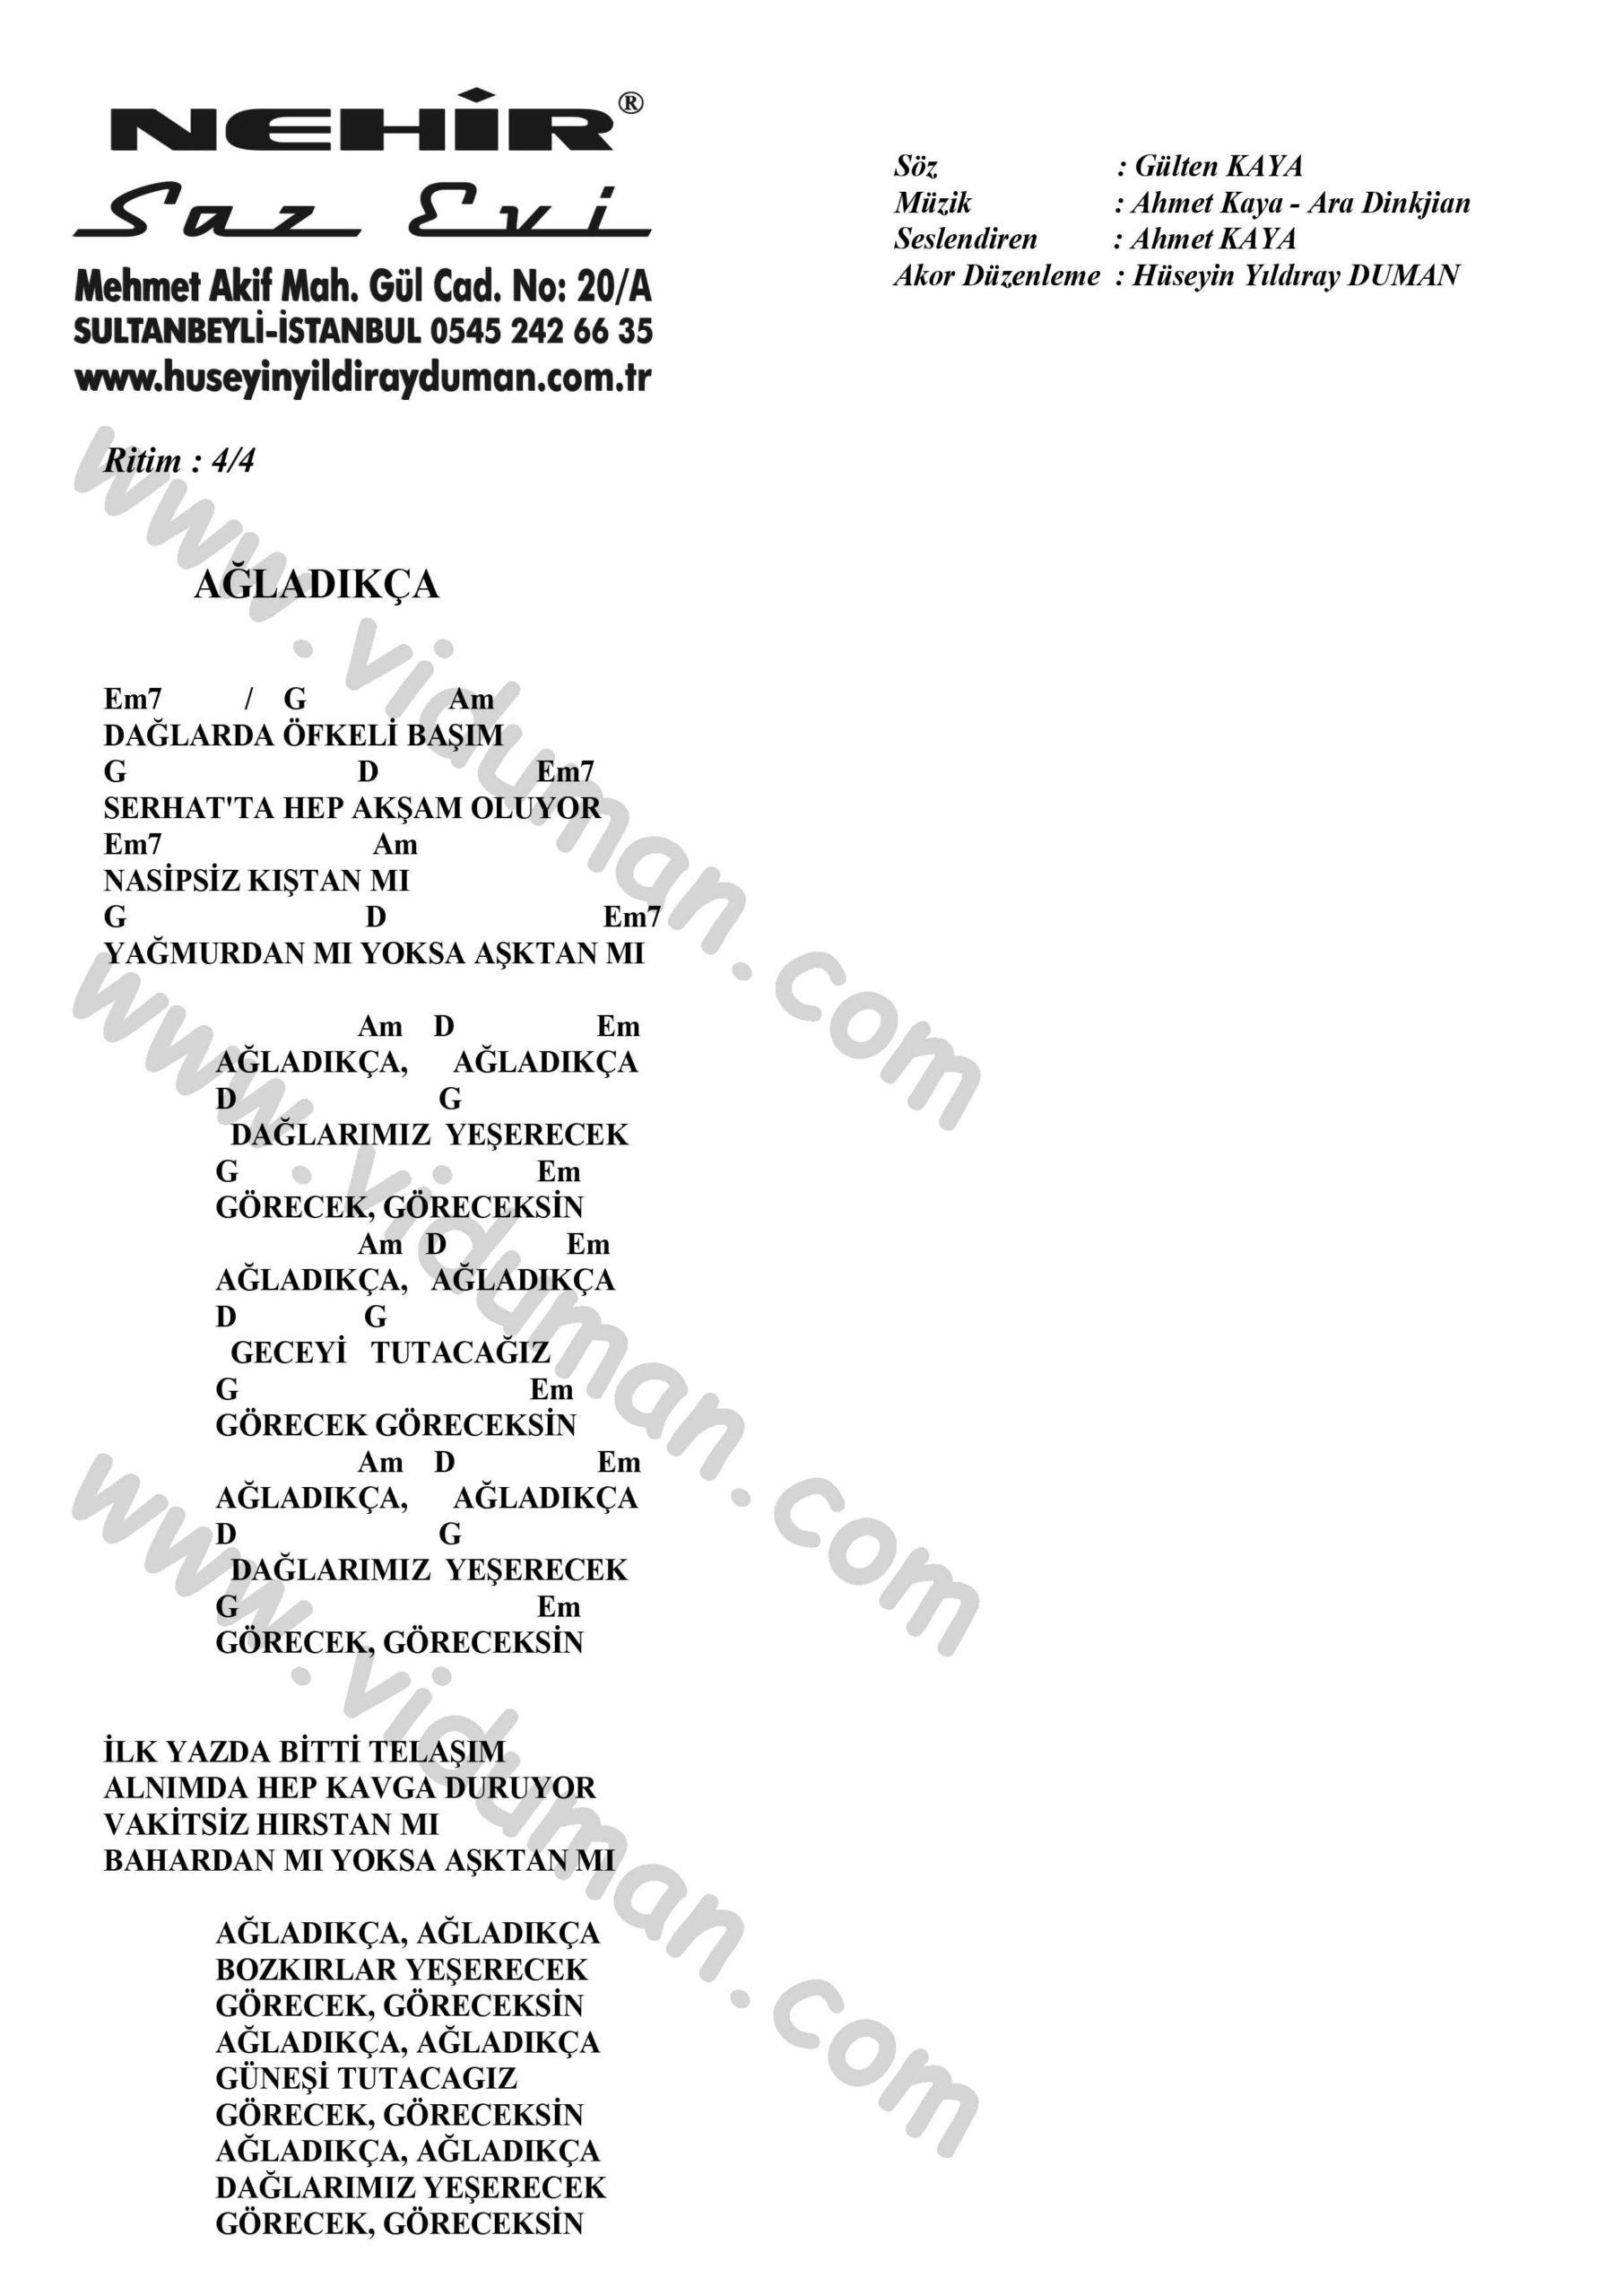 Agladikca-Ahmet Kaya-Ritim Gitar Akorlari